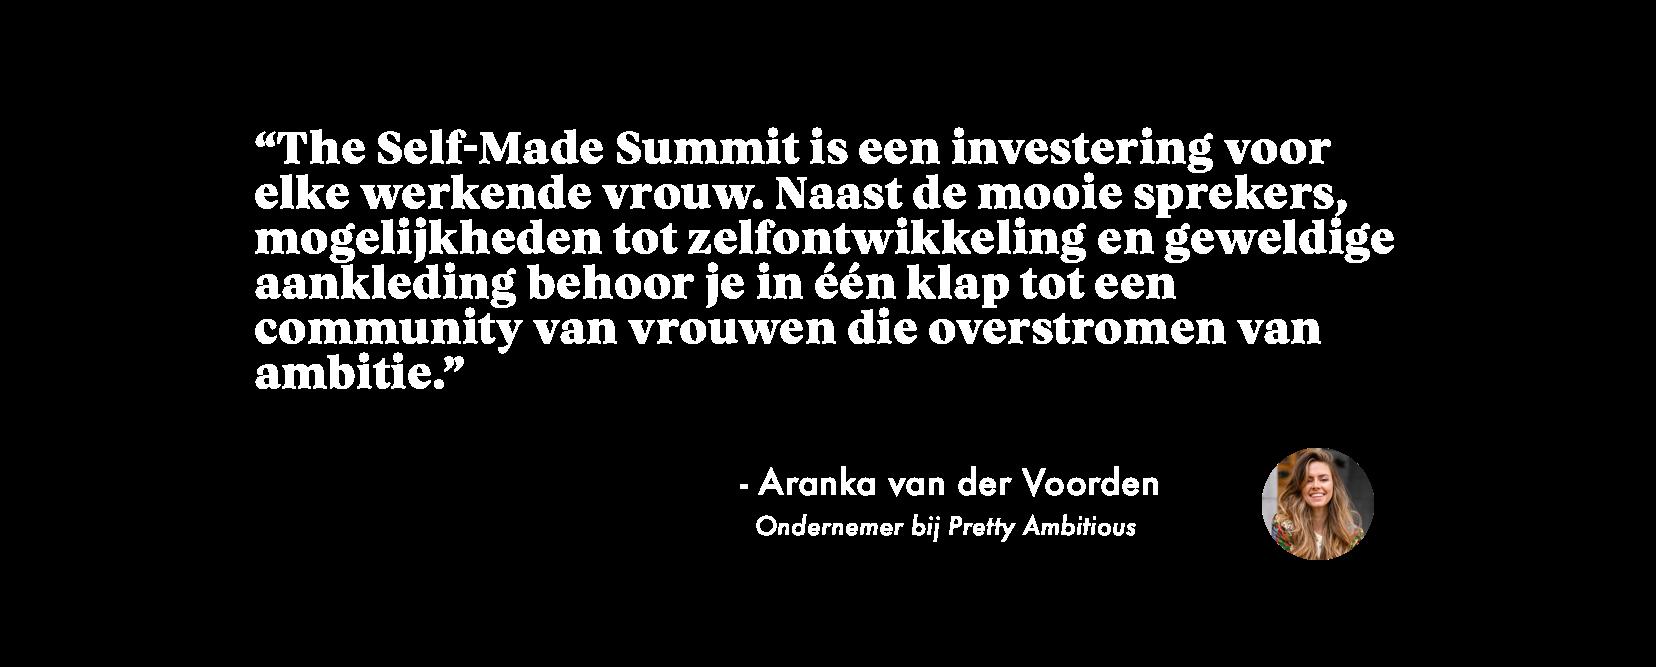 Aranka van der Voorden Testimonial.png